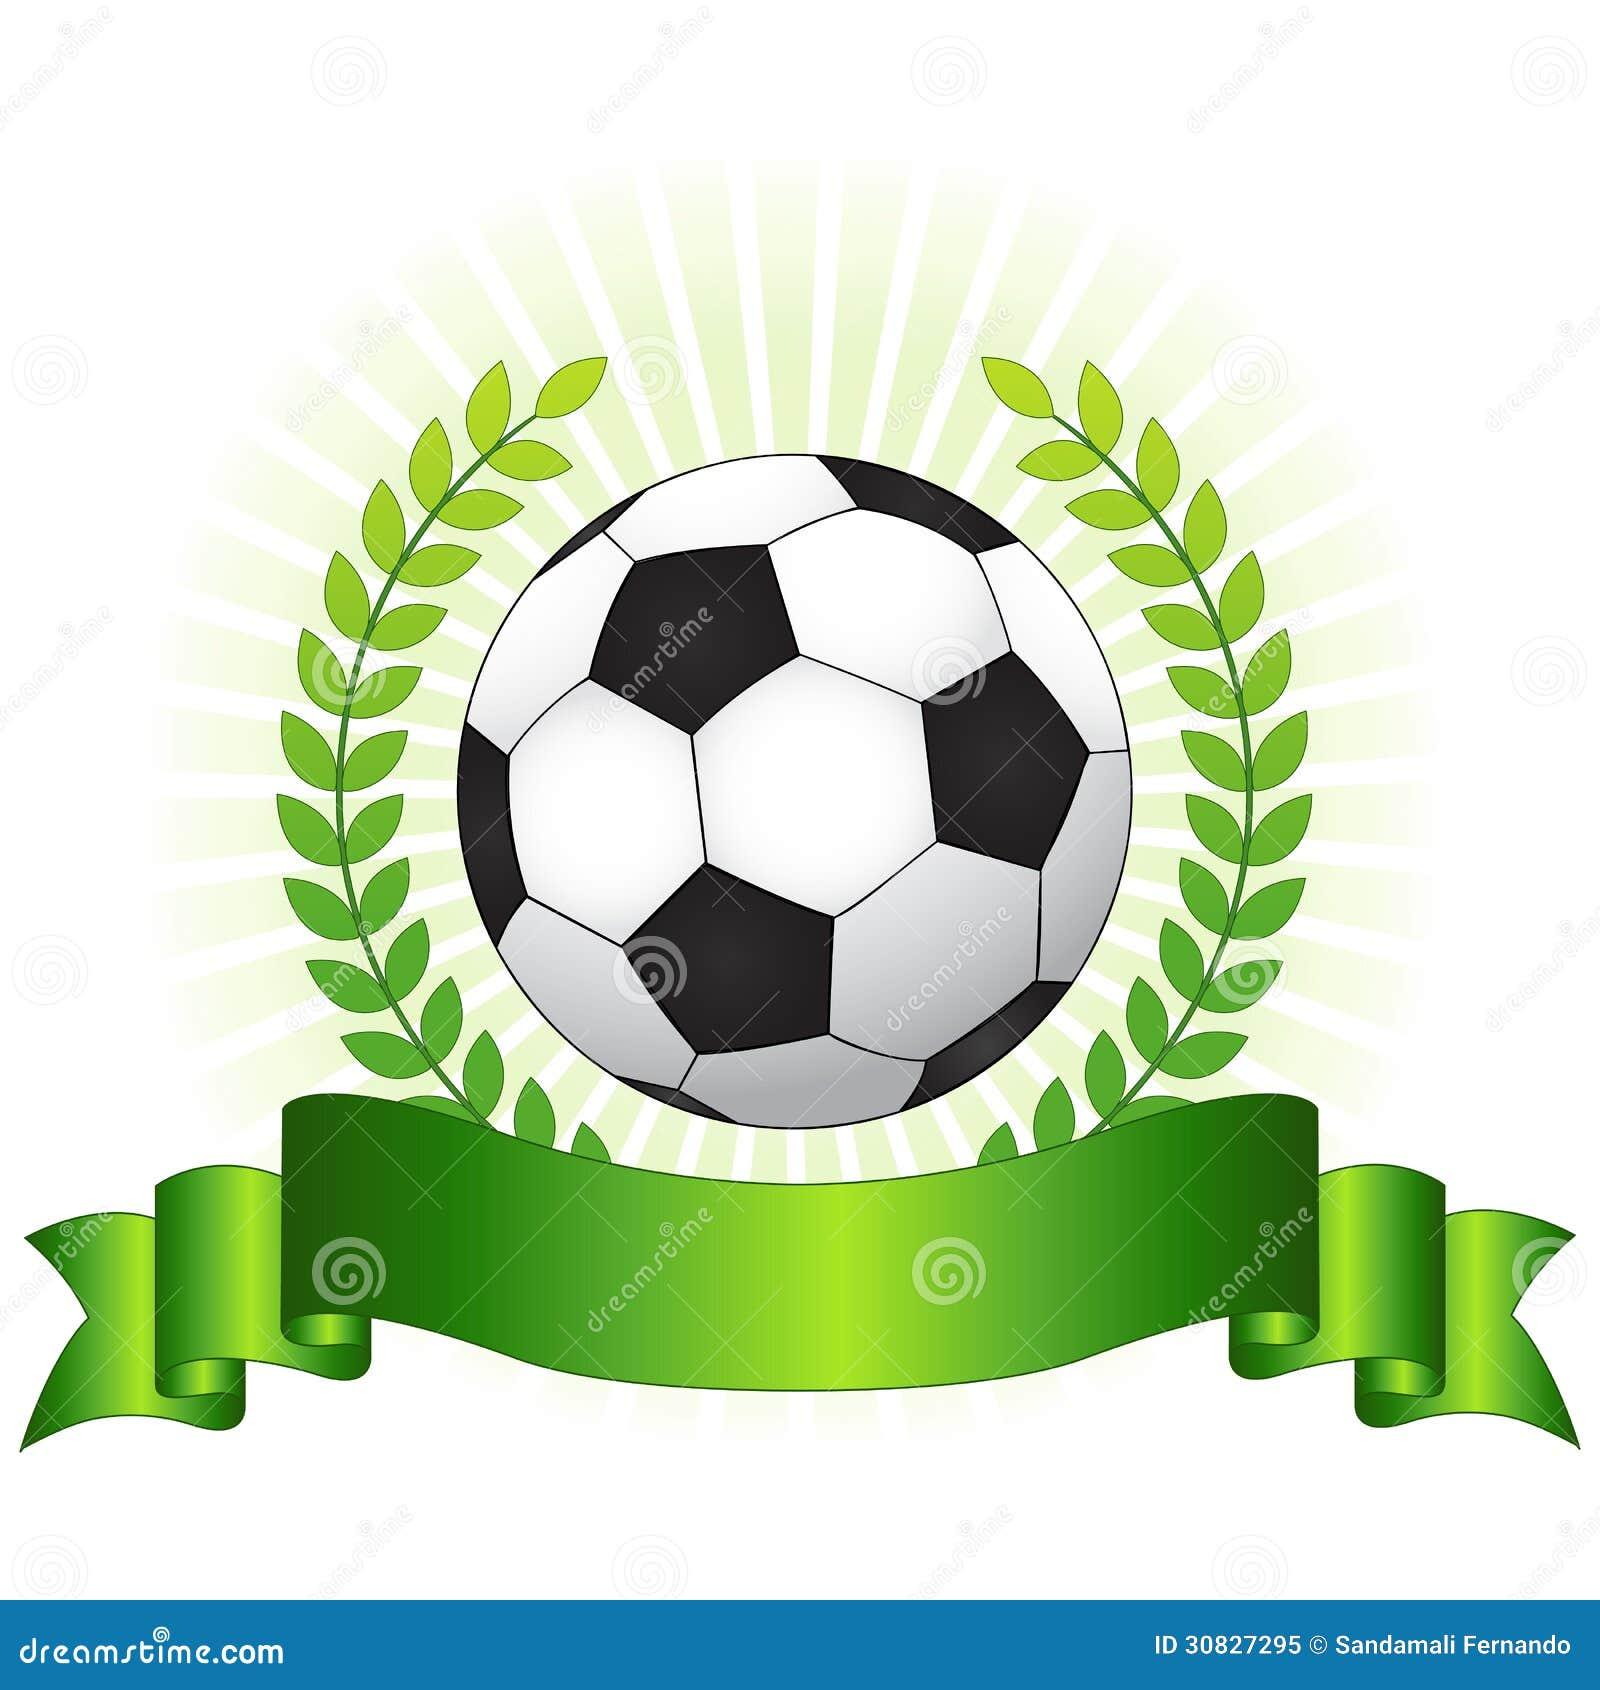 Concetto di campionato di calcio